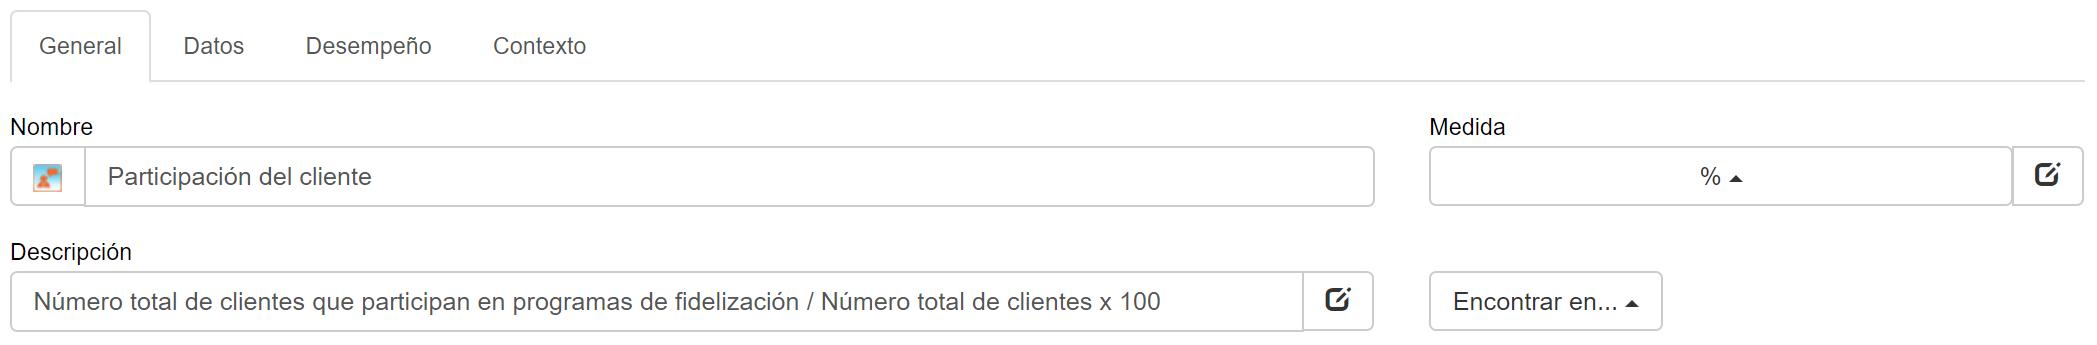 Detalles de la métrica de participación del cliente